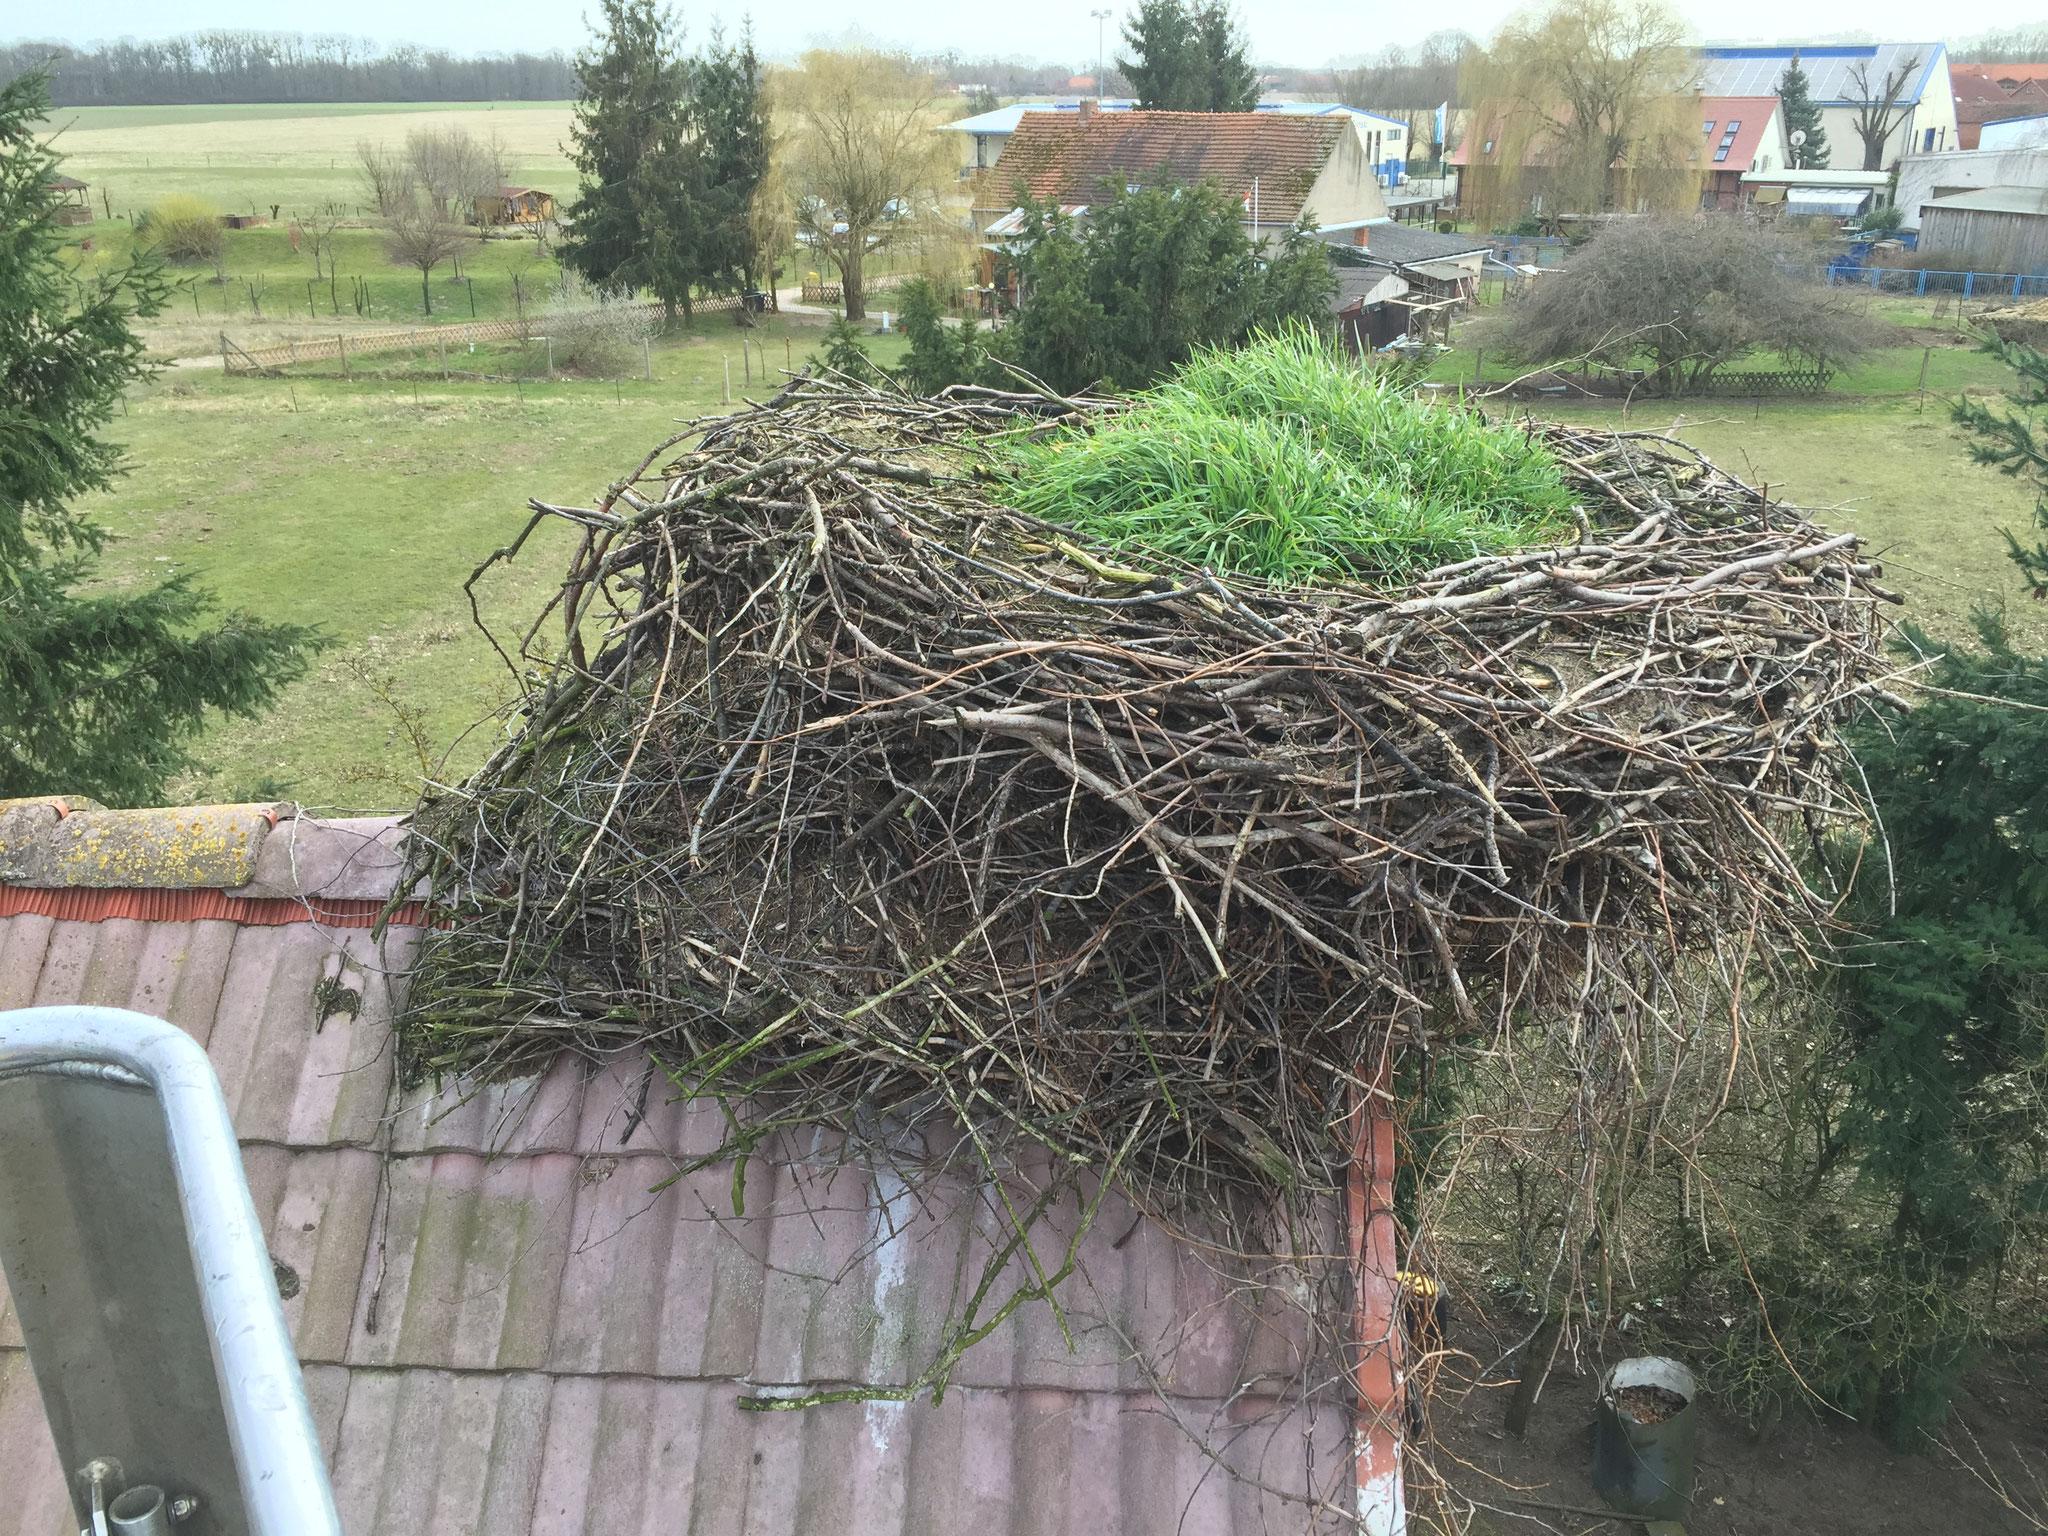 Ein Nest auf Buschvasen mit Wildbewuchs - VORHER. Hier ist deutlich sichtbar, dass Störche eine Tendenz haben, Nistmaterial gegen den Wind anzubauen und den Schwerpunkt ihres Nestes entsprechend auszurichten.